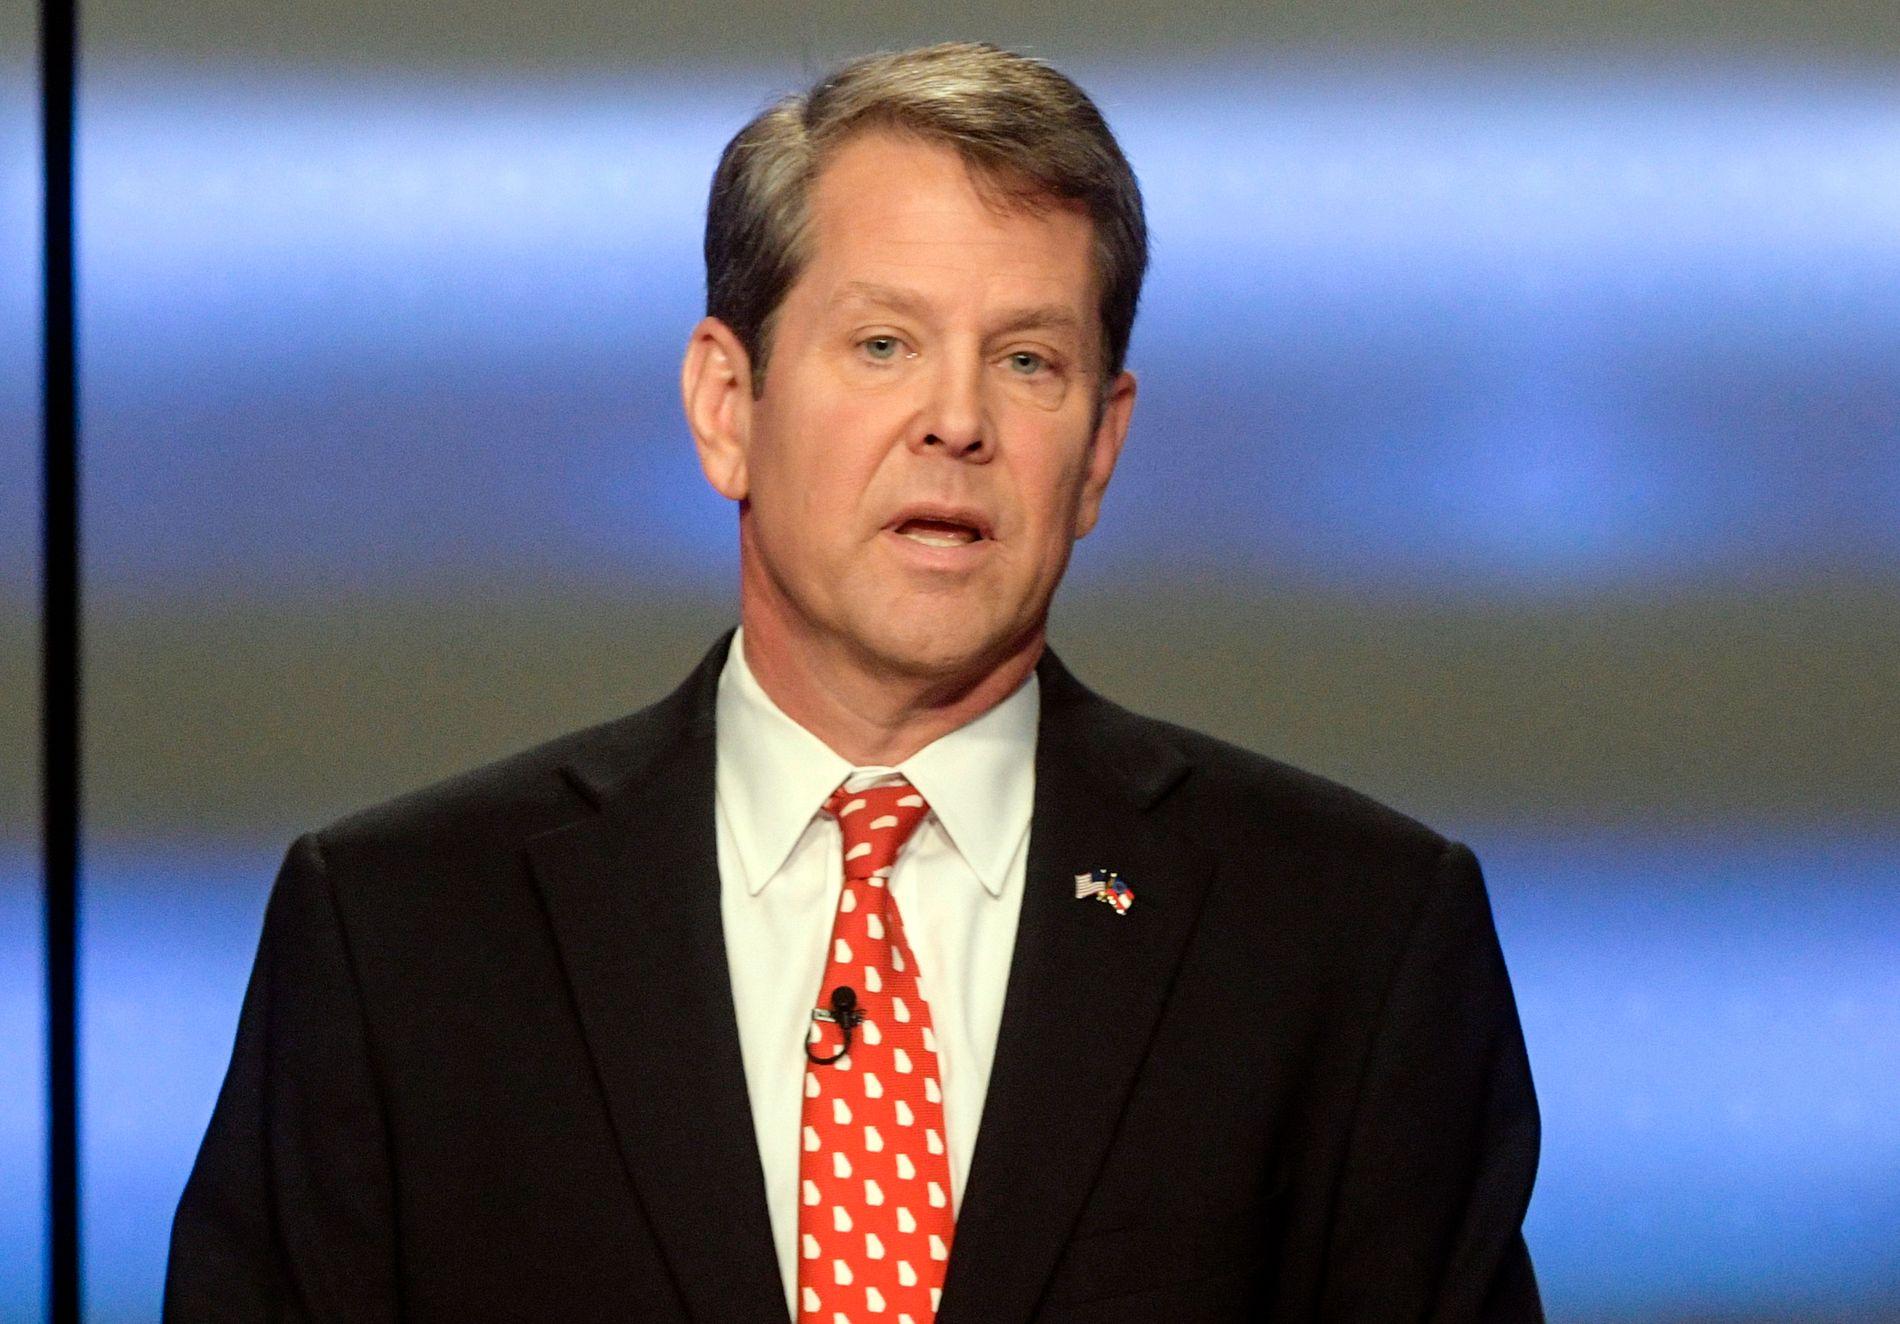 VIL BLI GUVERNØR: Brian Kemp er i dag administrasjonssjef i Georgia.